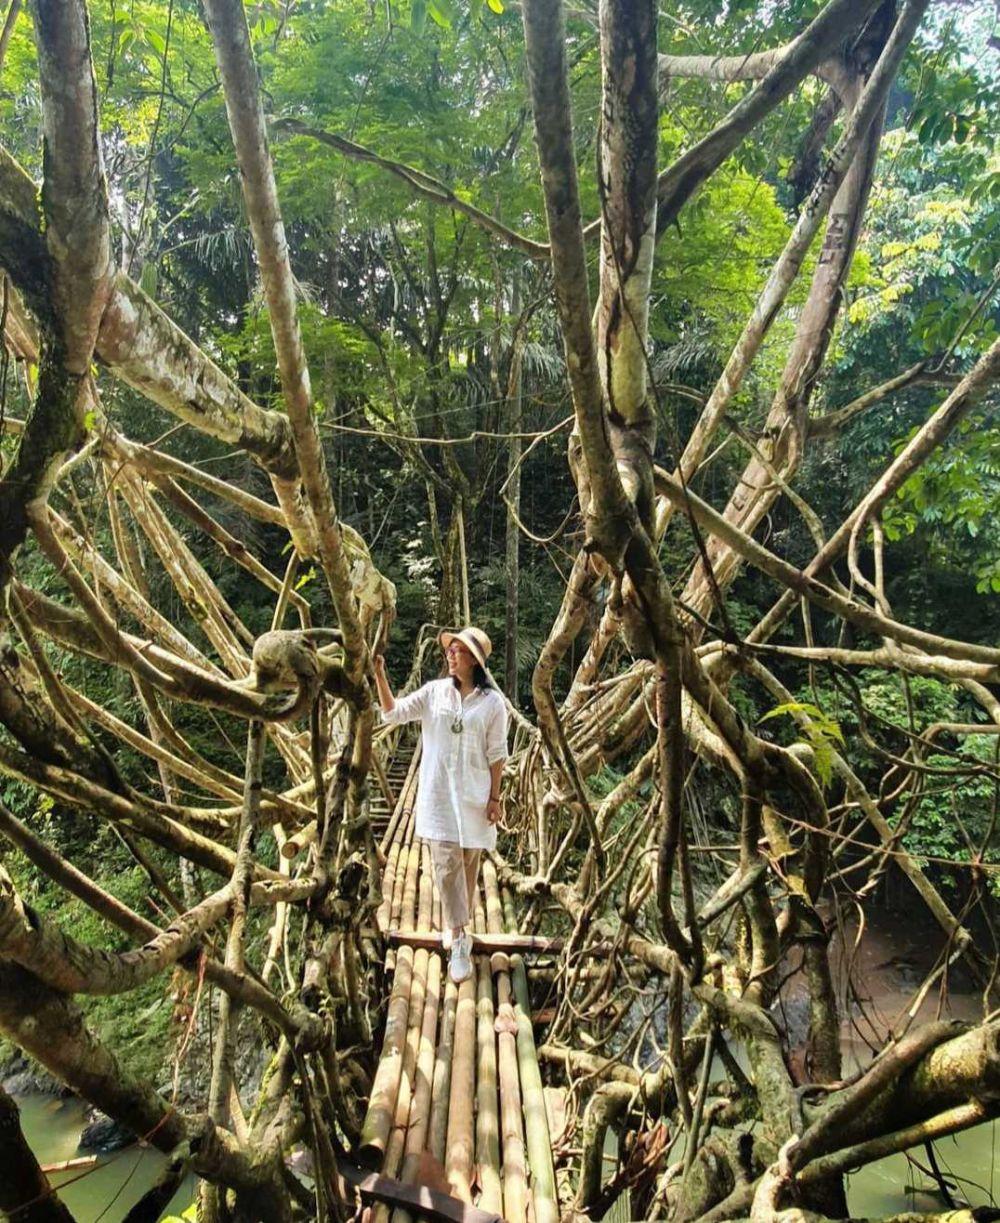 5 Wisata Akar Pohon Unik di Indonesia, Serasa di Negeri Fantasi!